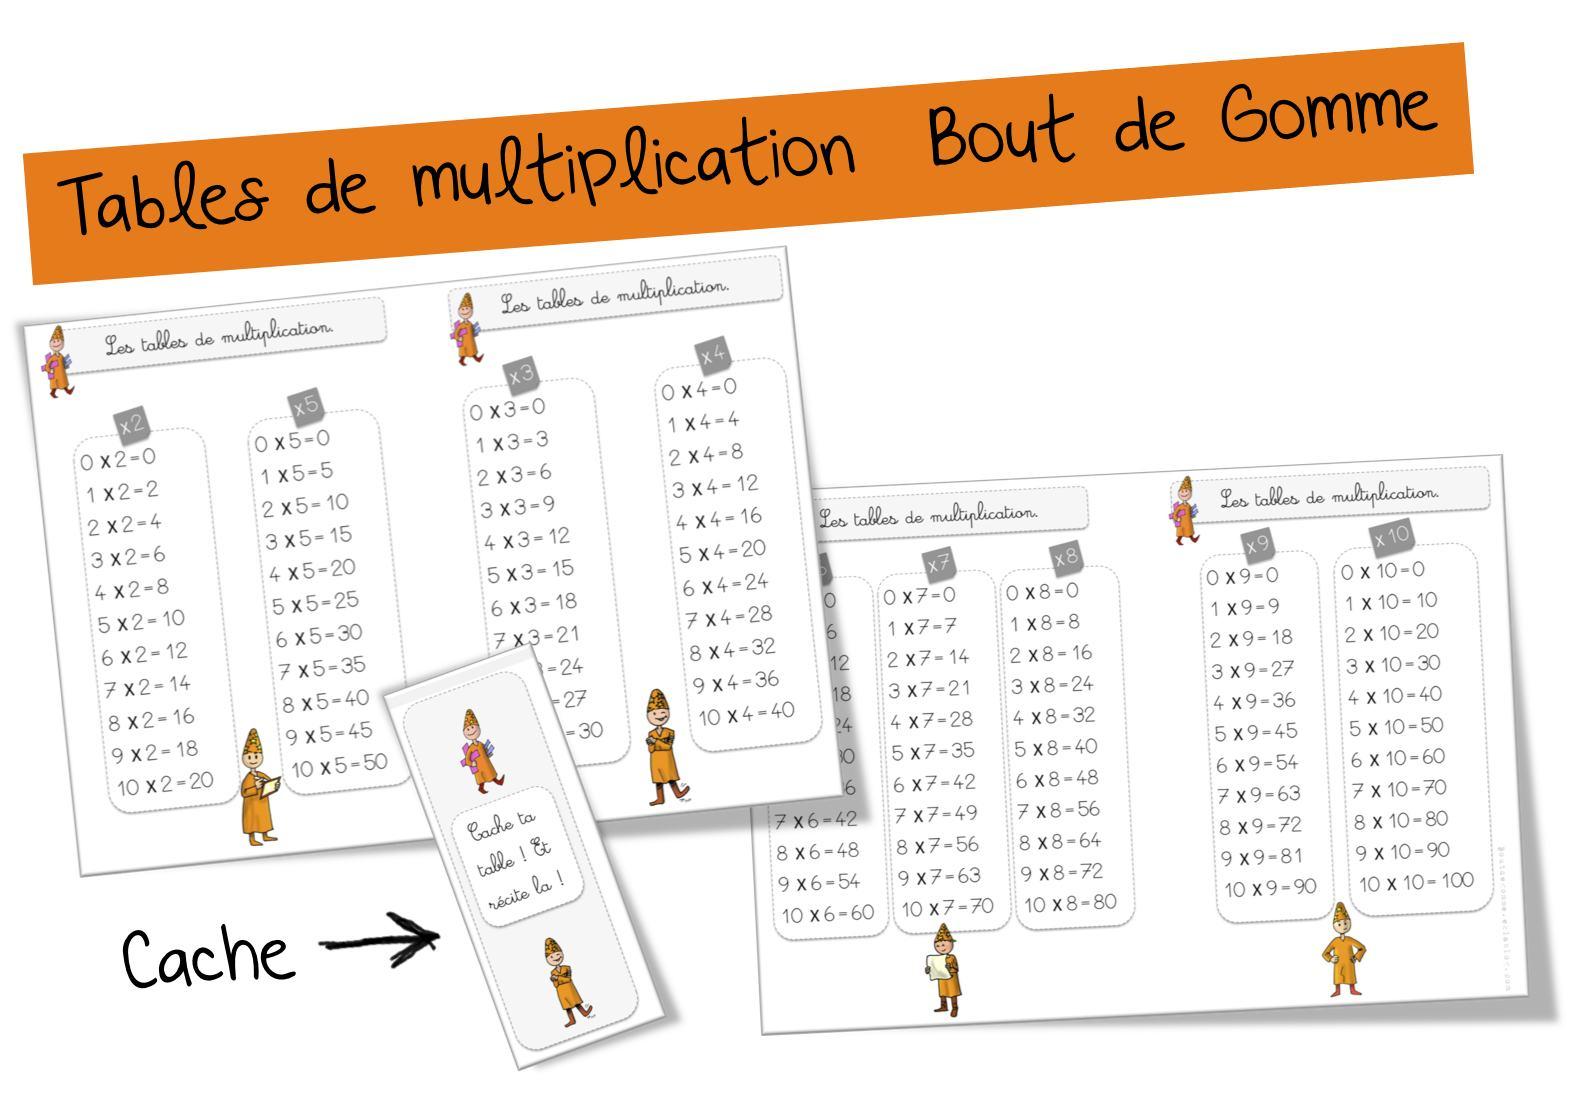 Tables De Multiplication | Bout De Gomme avec Tables De Multiplication Jeux À Imprimer